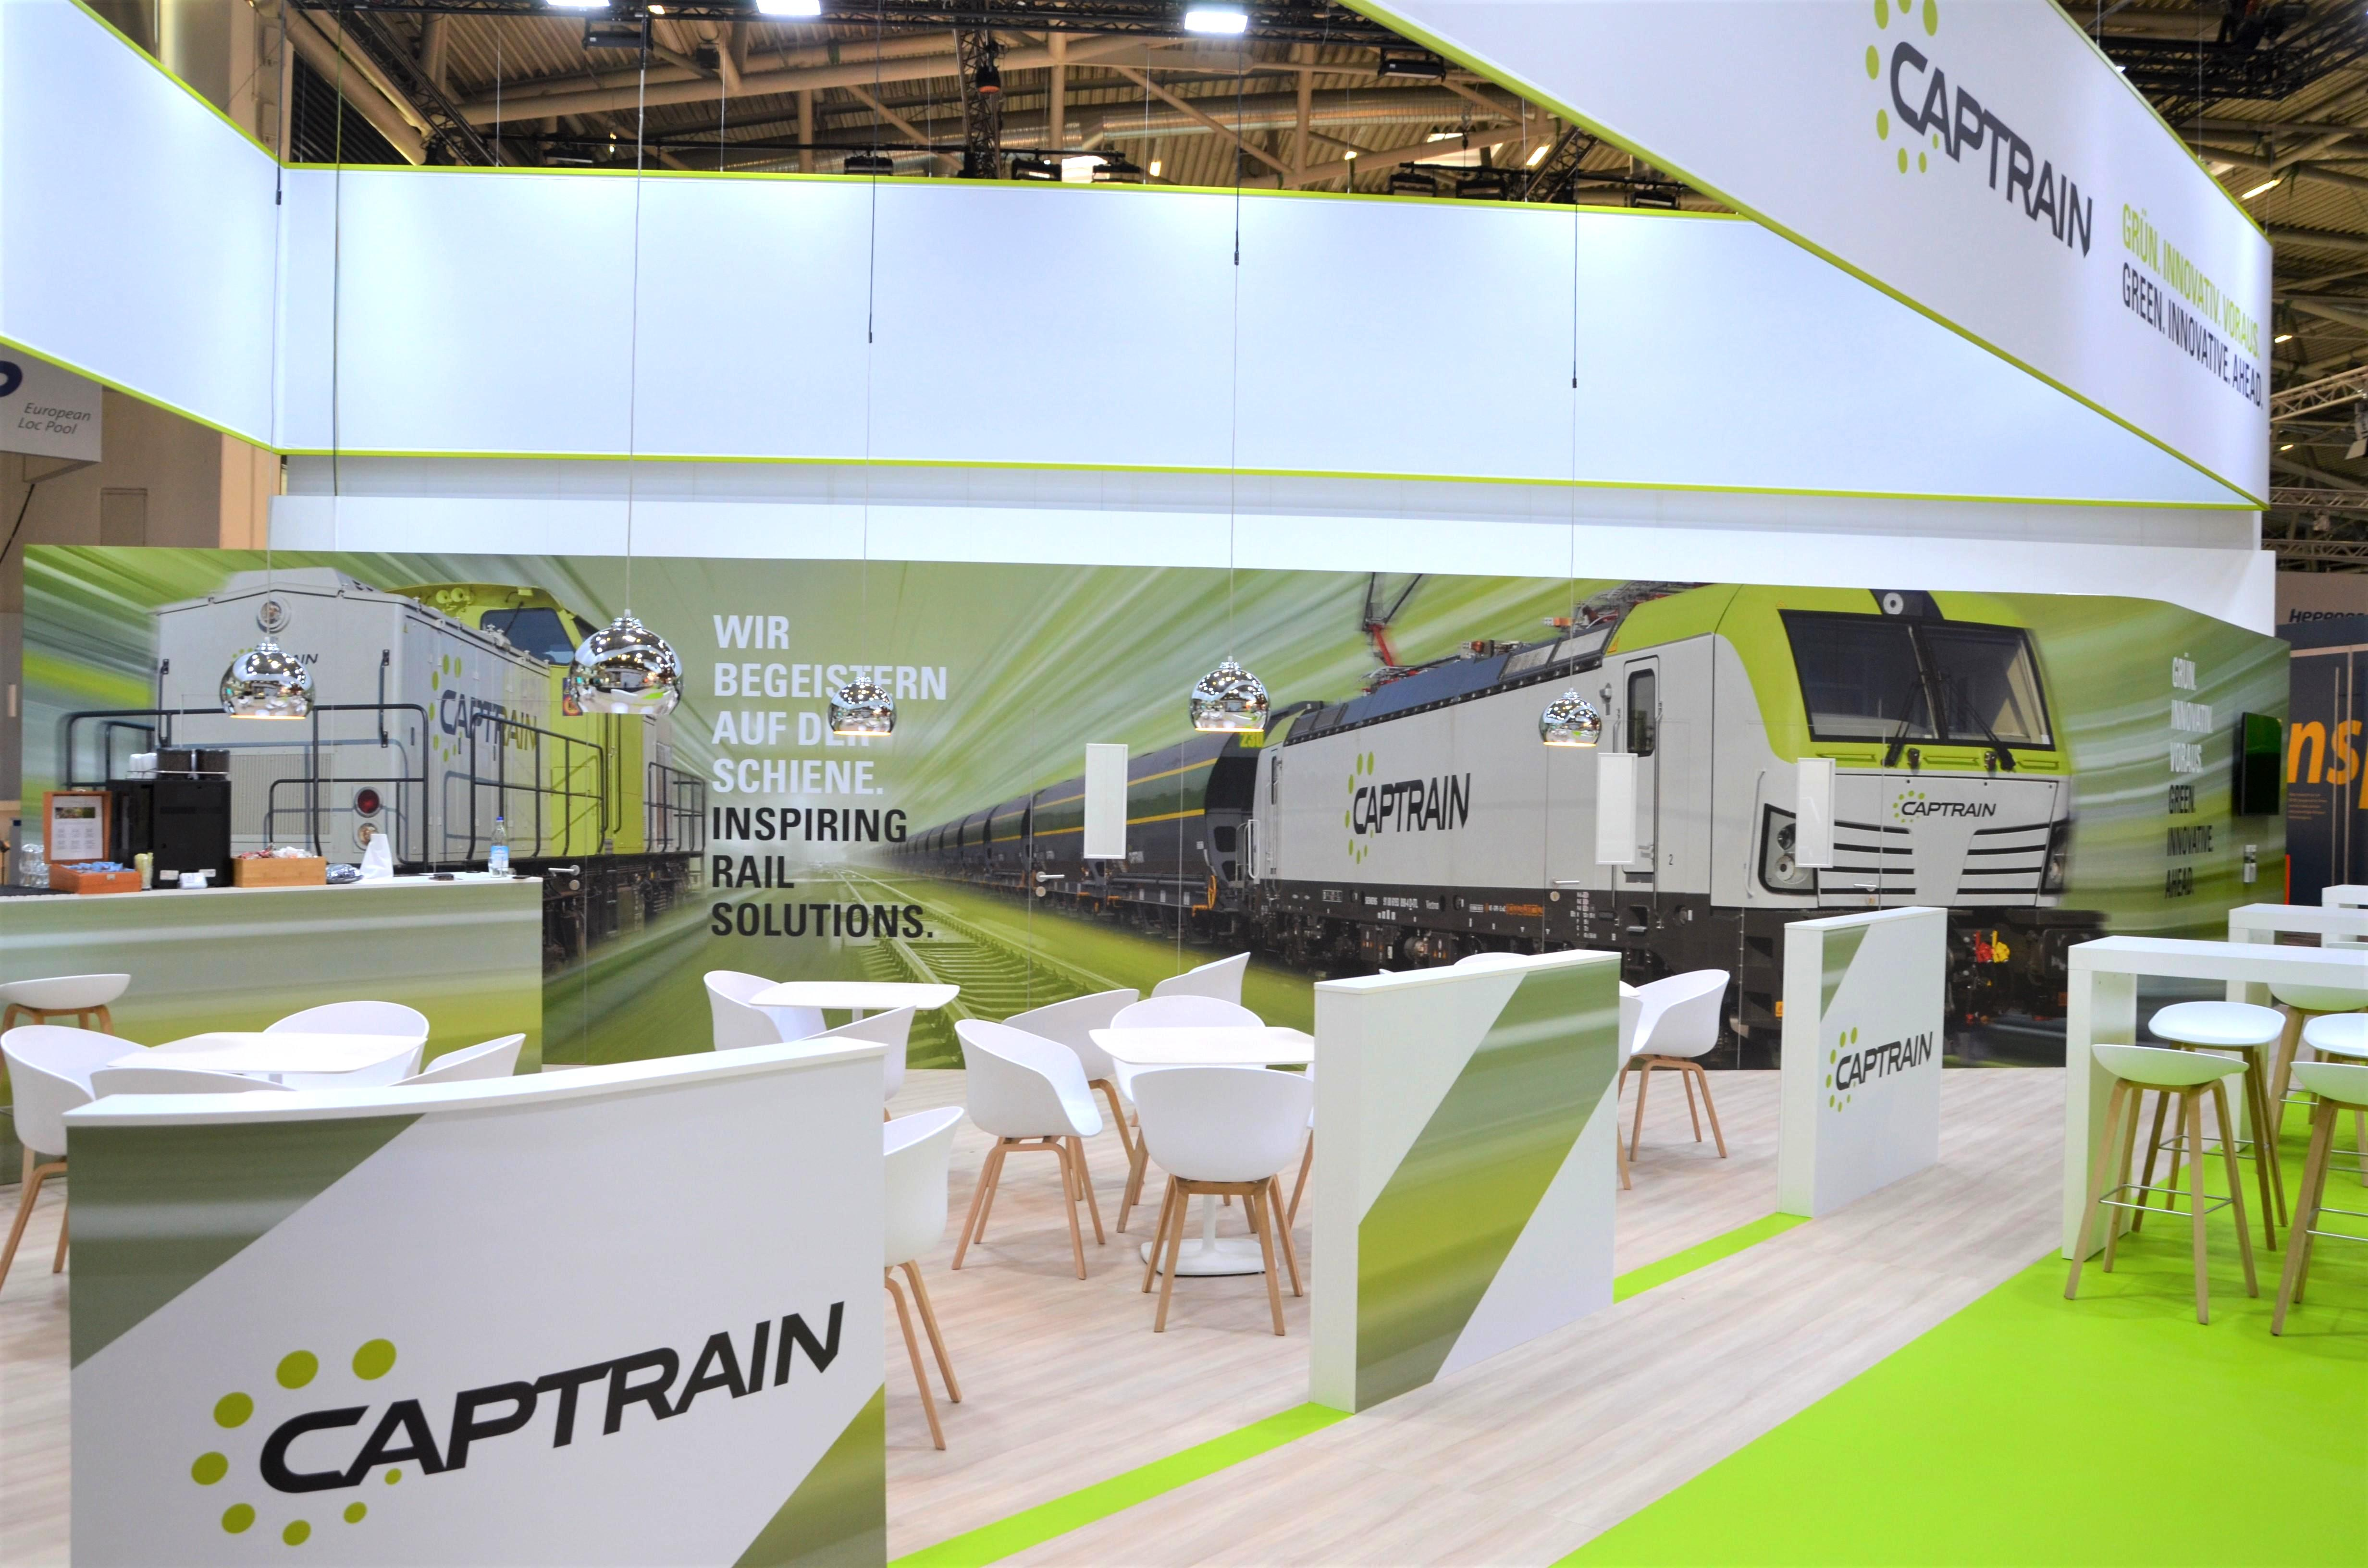 Targi Transport Logistic 2019 w Monachium - Captrain